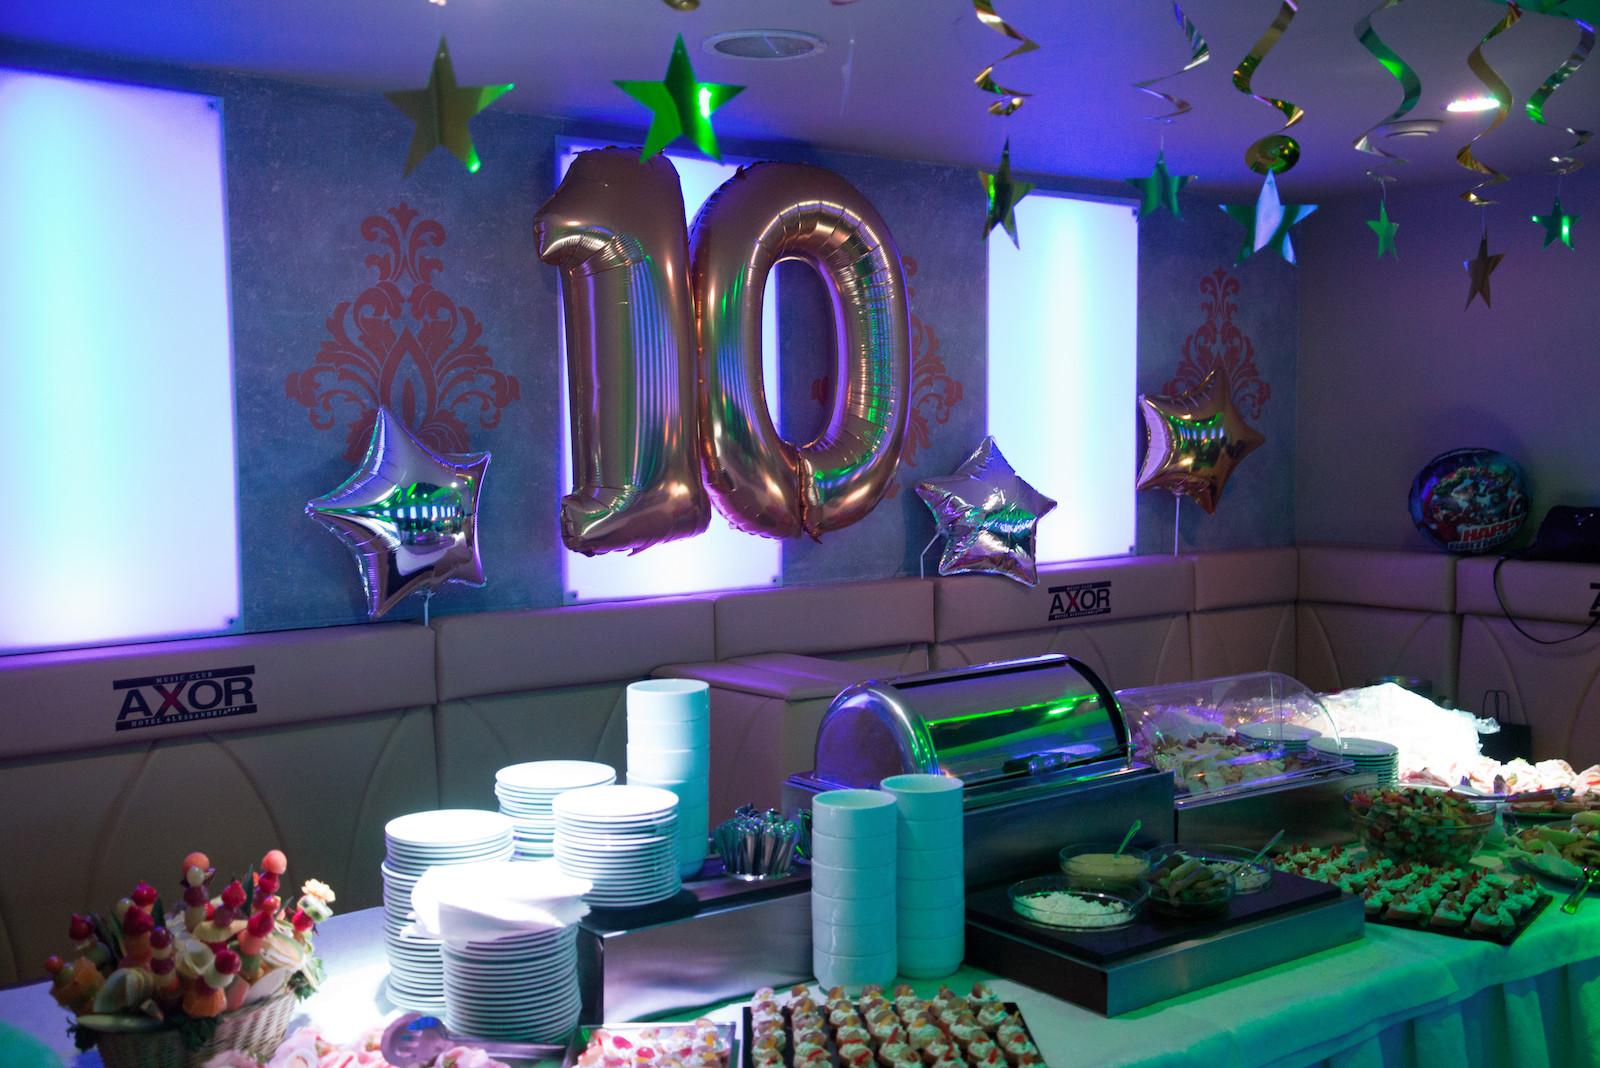 oslava 10 narozenin hotel Alessandria, dětská oslava narozenin, Hradec Králové oslava 10 narozenin